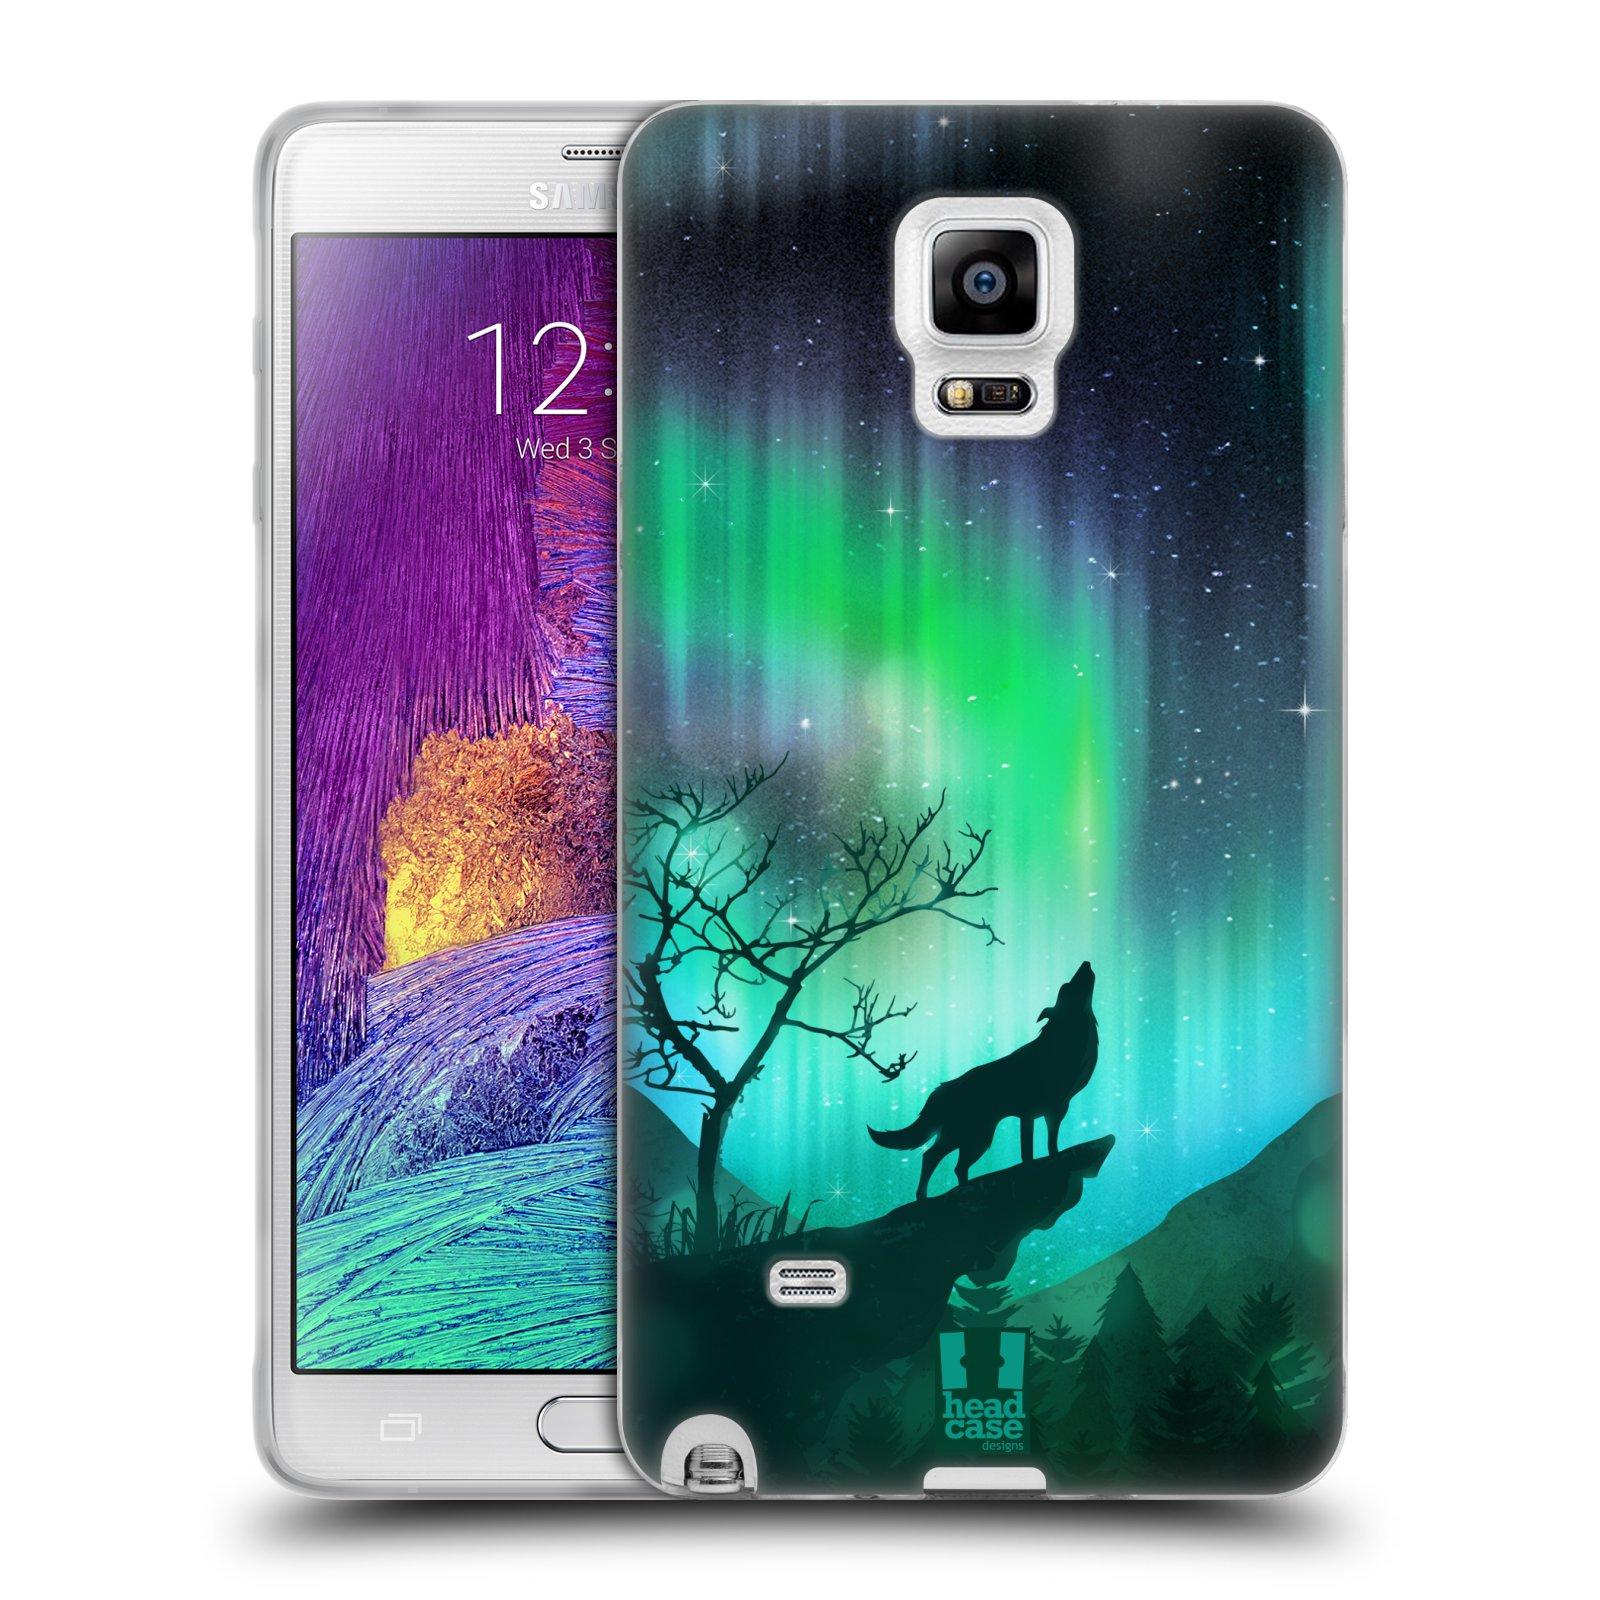 HEAD CASE silikonový obal na mobil Samsung Galaxy Note 4 (N910) vzor Severní polární záře VYJÍCÍ VLK ZELENÁ